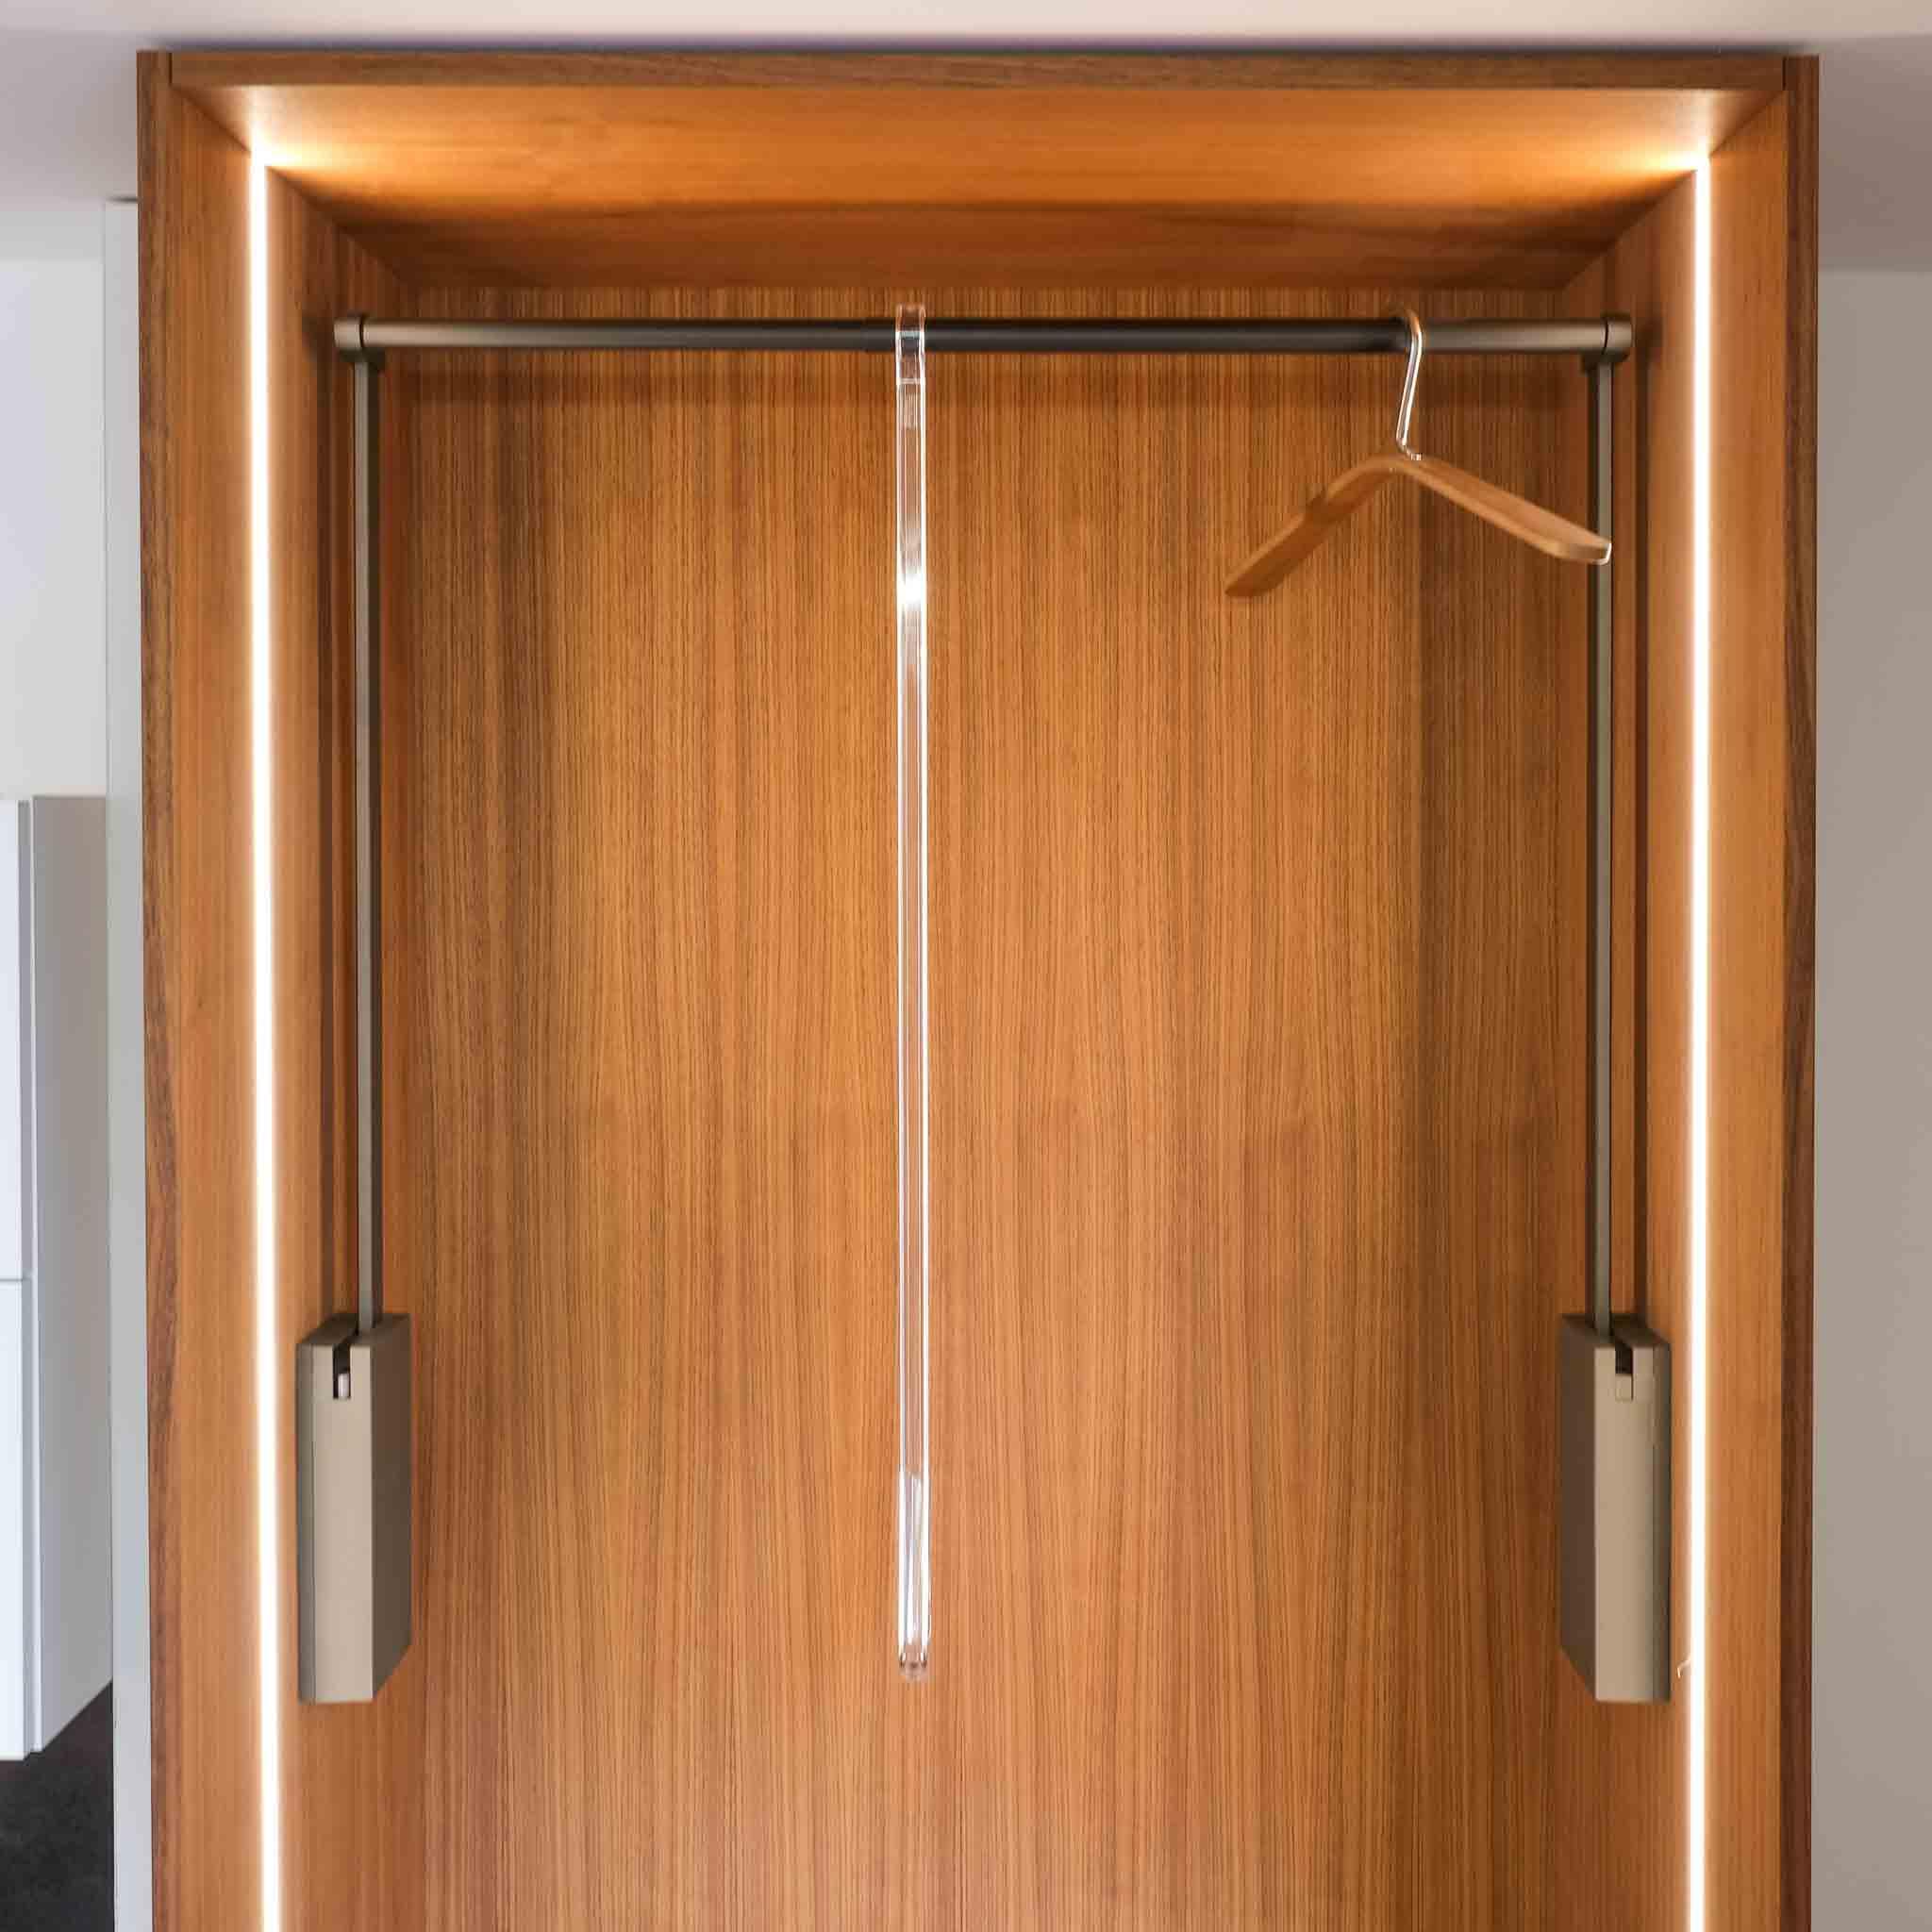 ba-moebeldesign-Kleiderlift-einbauschrank